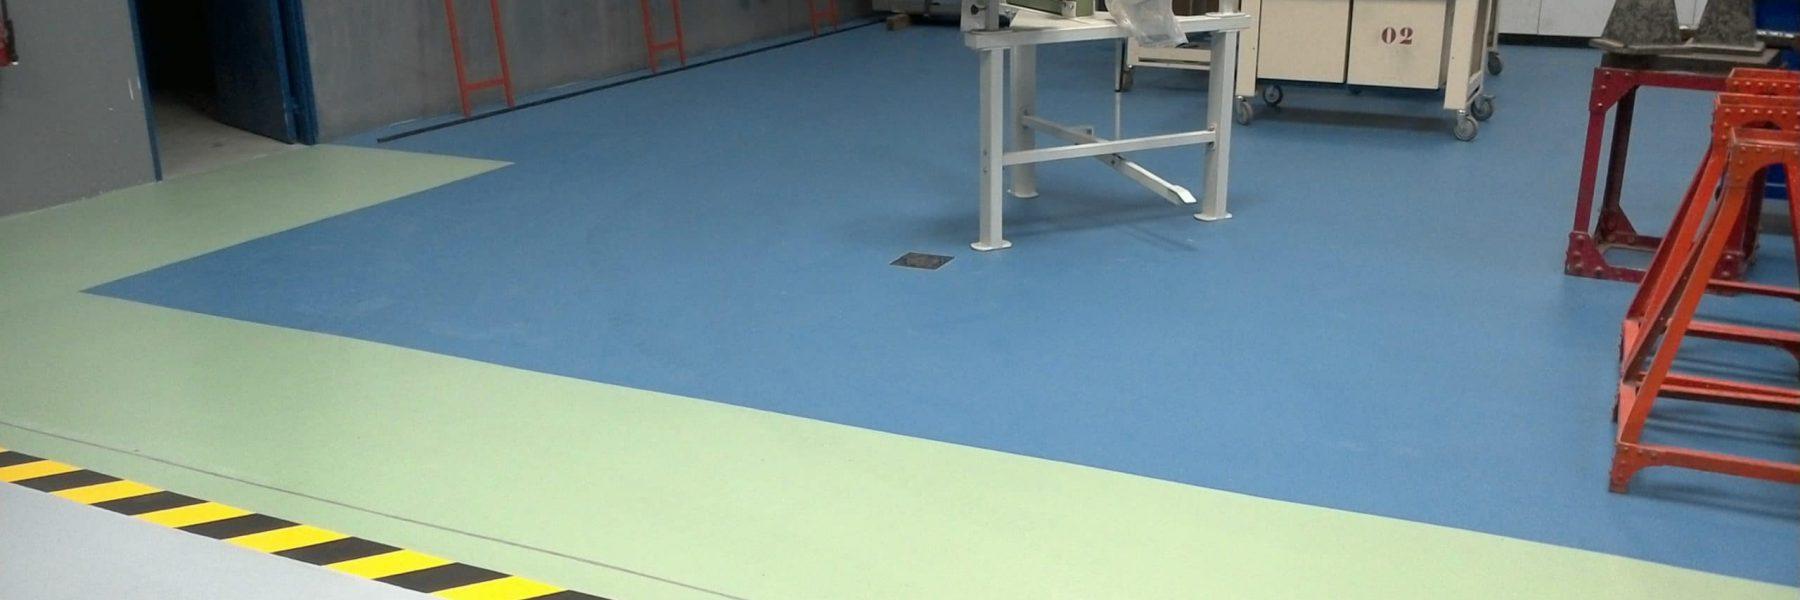 Séparation d'espace avec la résine en différente couleur